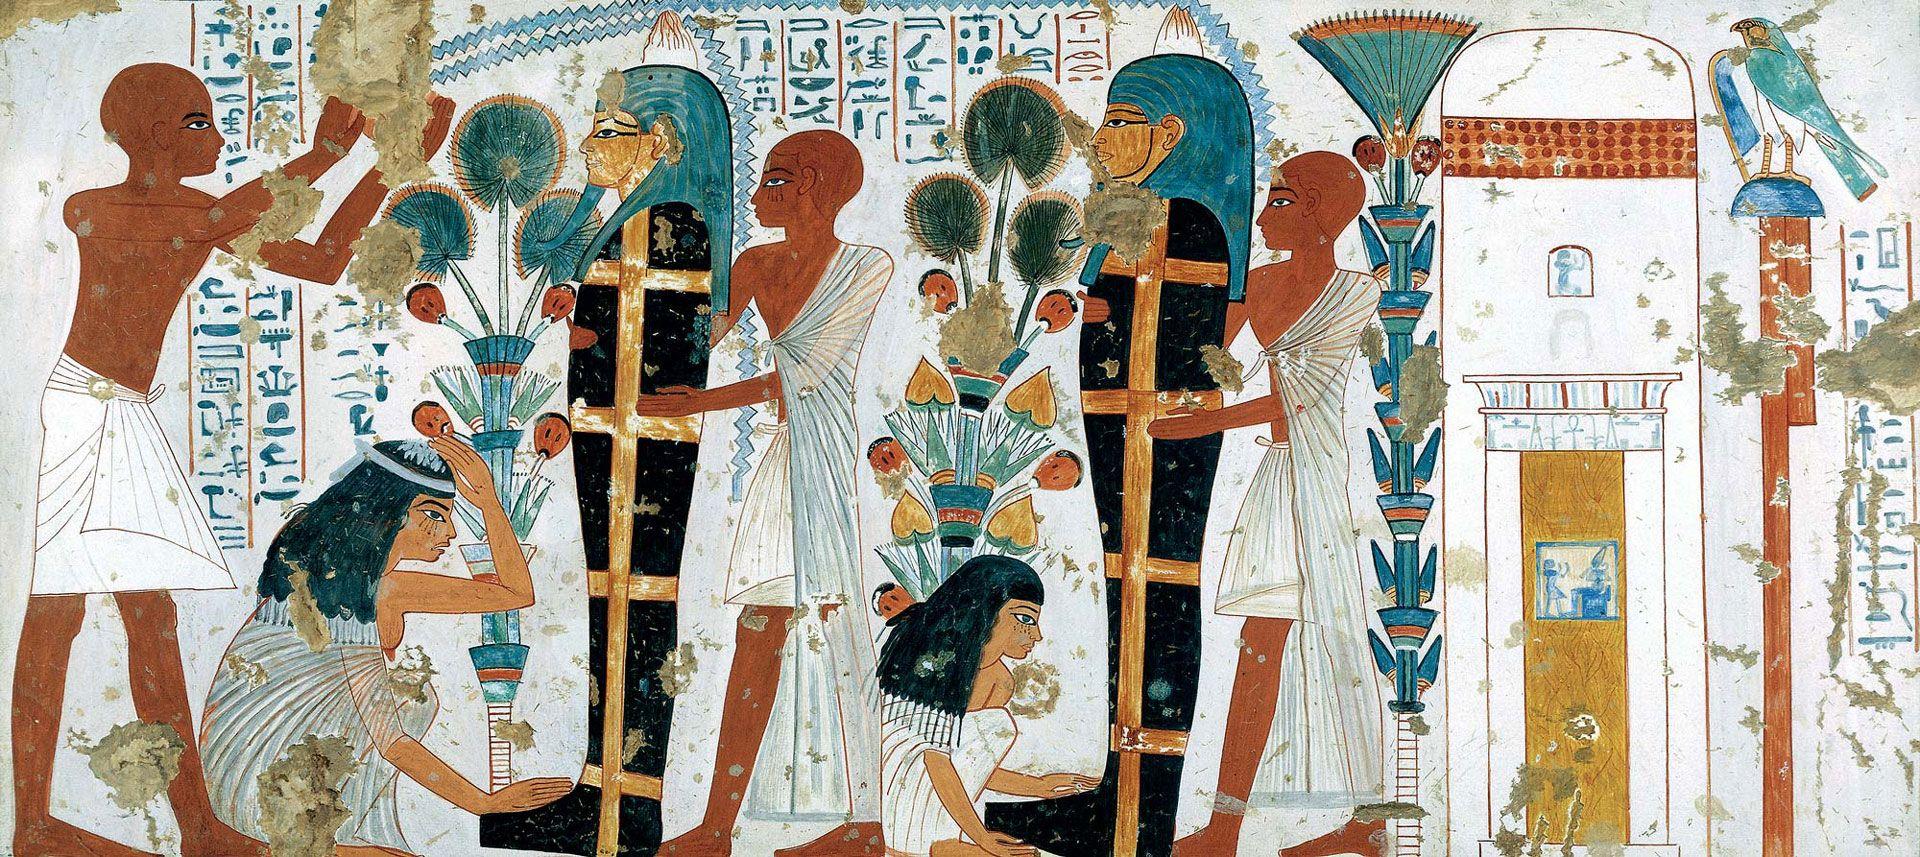 Peinture originale : tombe de Nébamon et d'Ipouky, fin de la XVIIIe dynastie